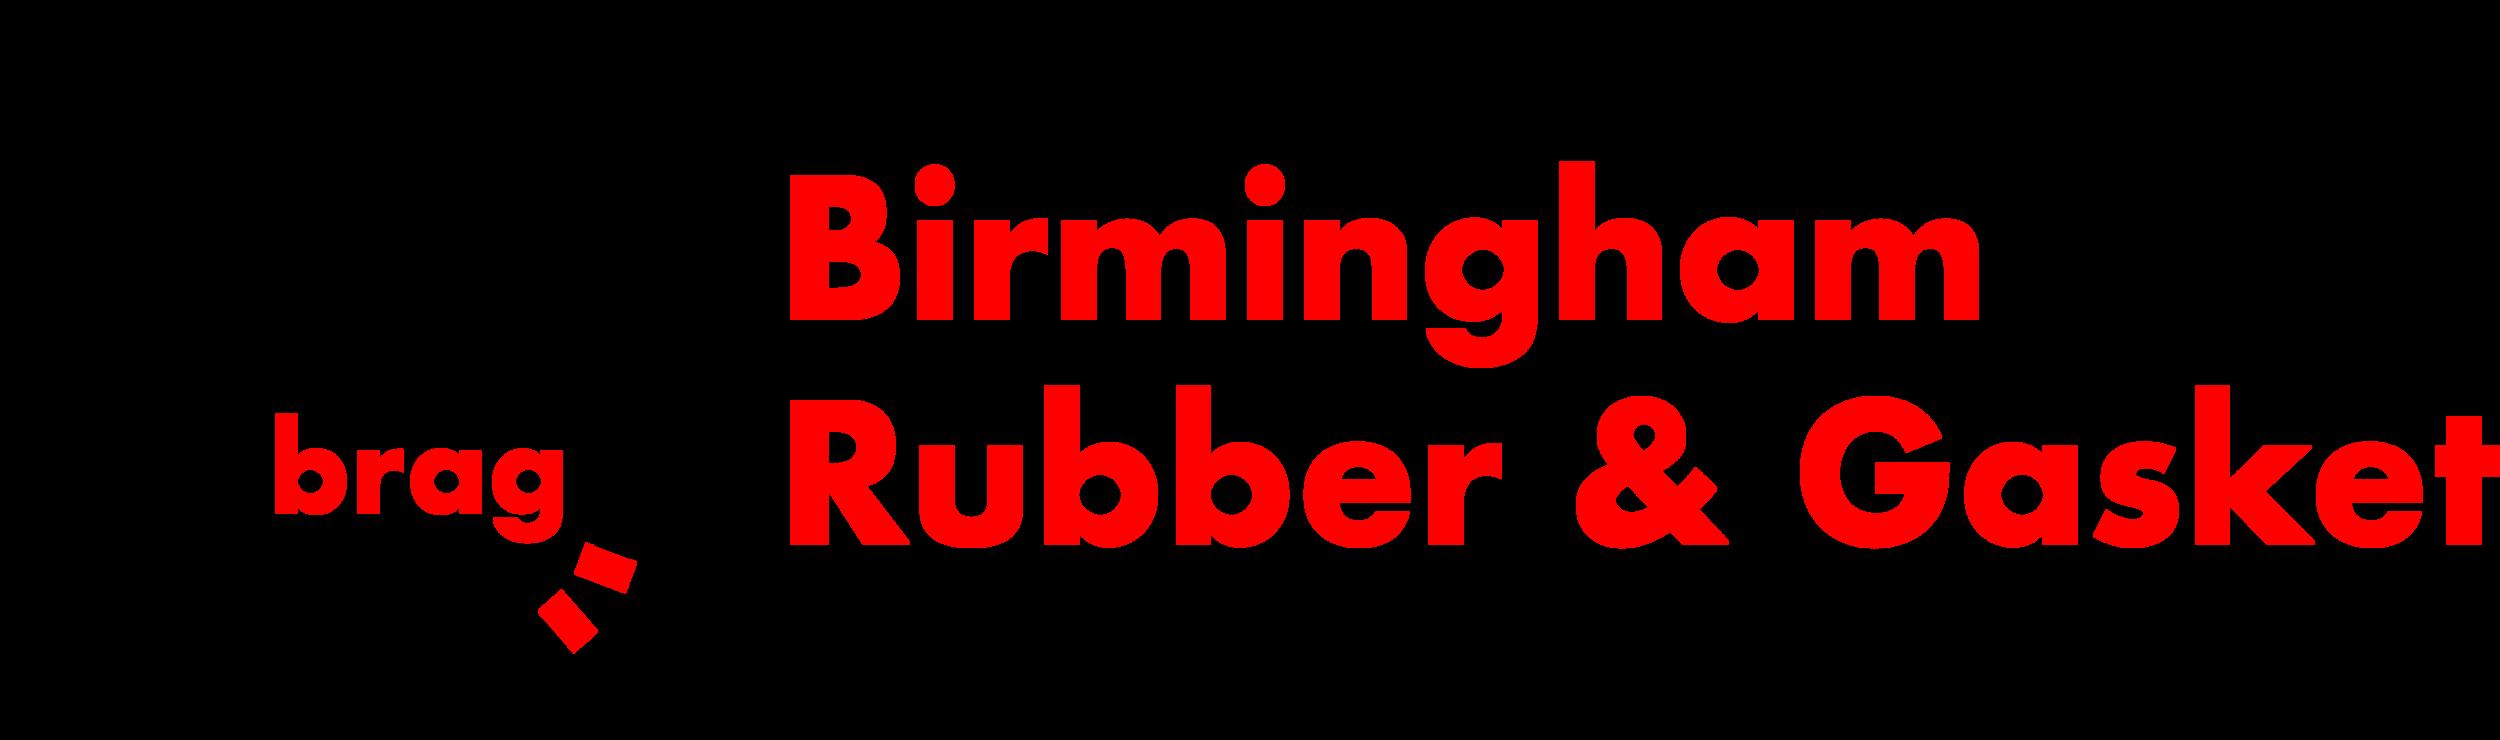 Birmingham Rubber & Gasket